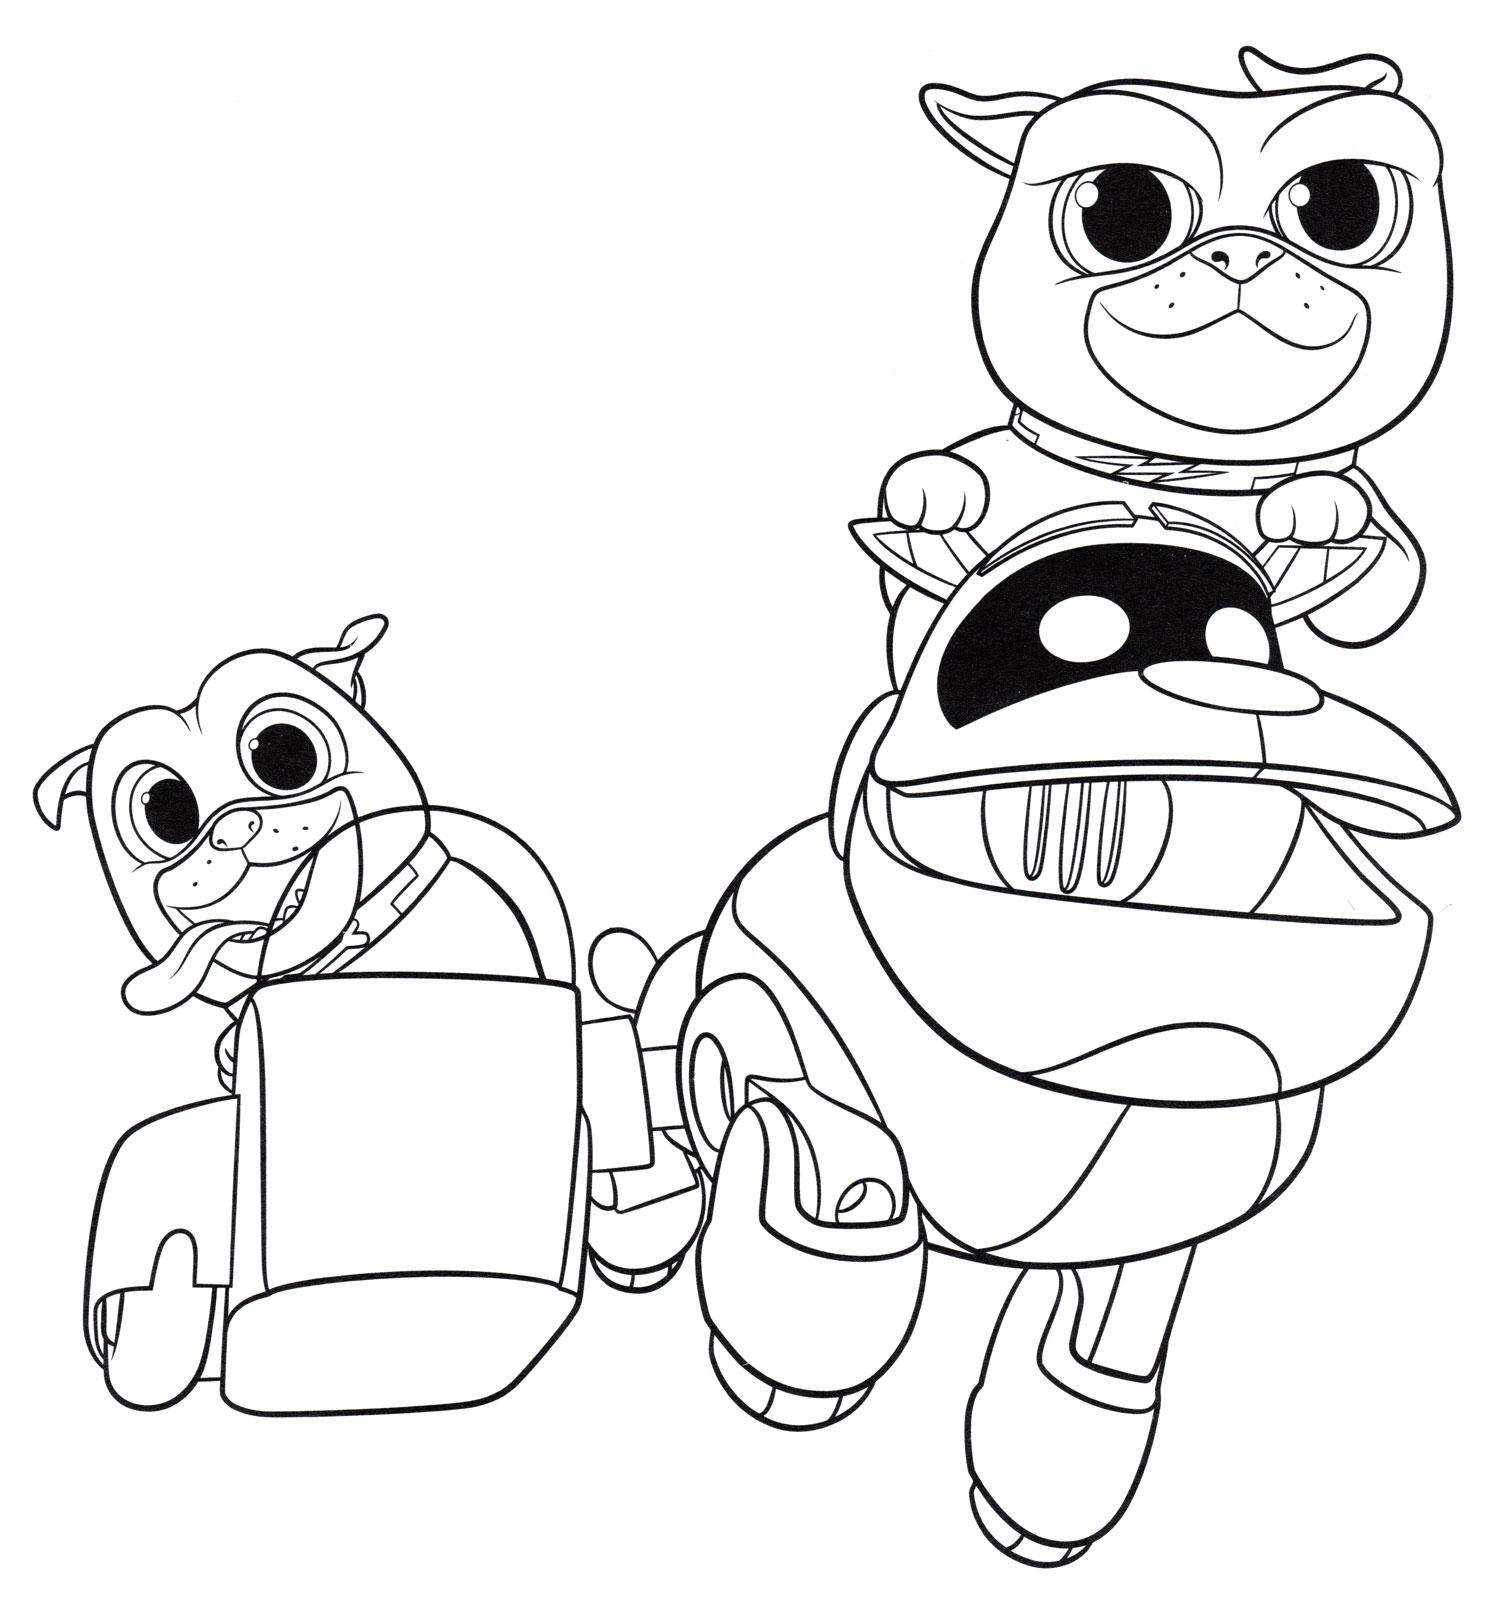 Раскраска Ролли и Бинго играют | Раскраски Дружные мопсы